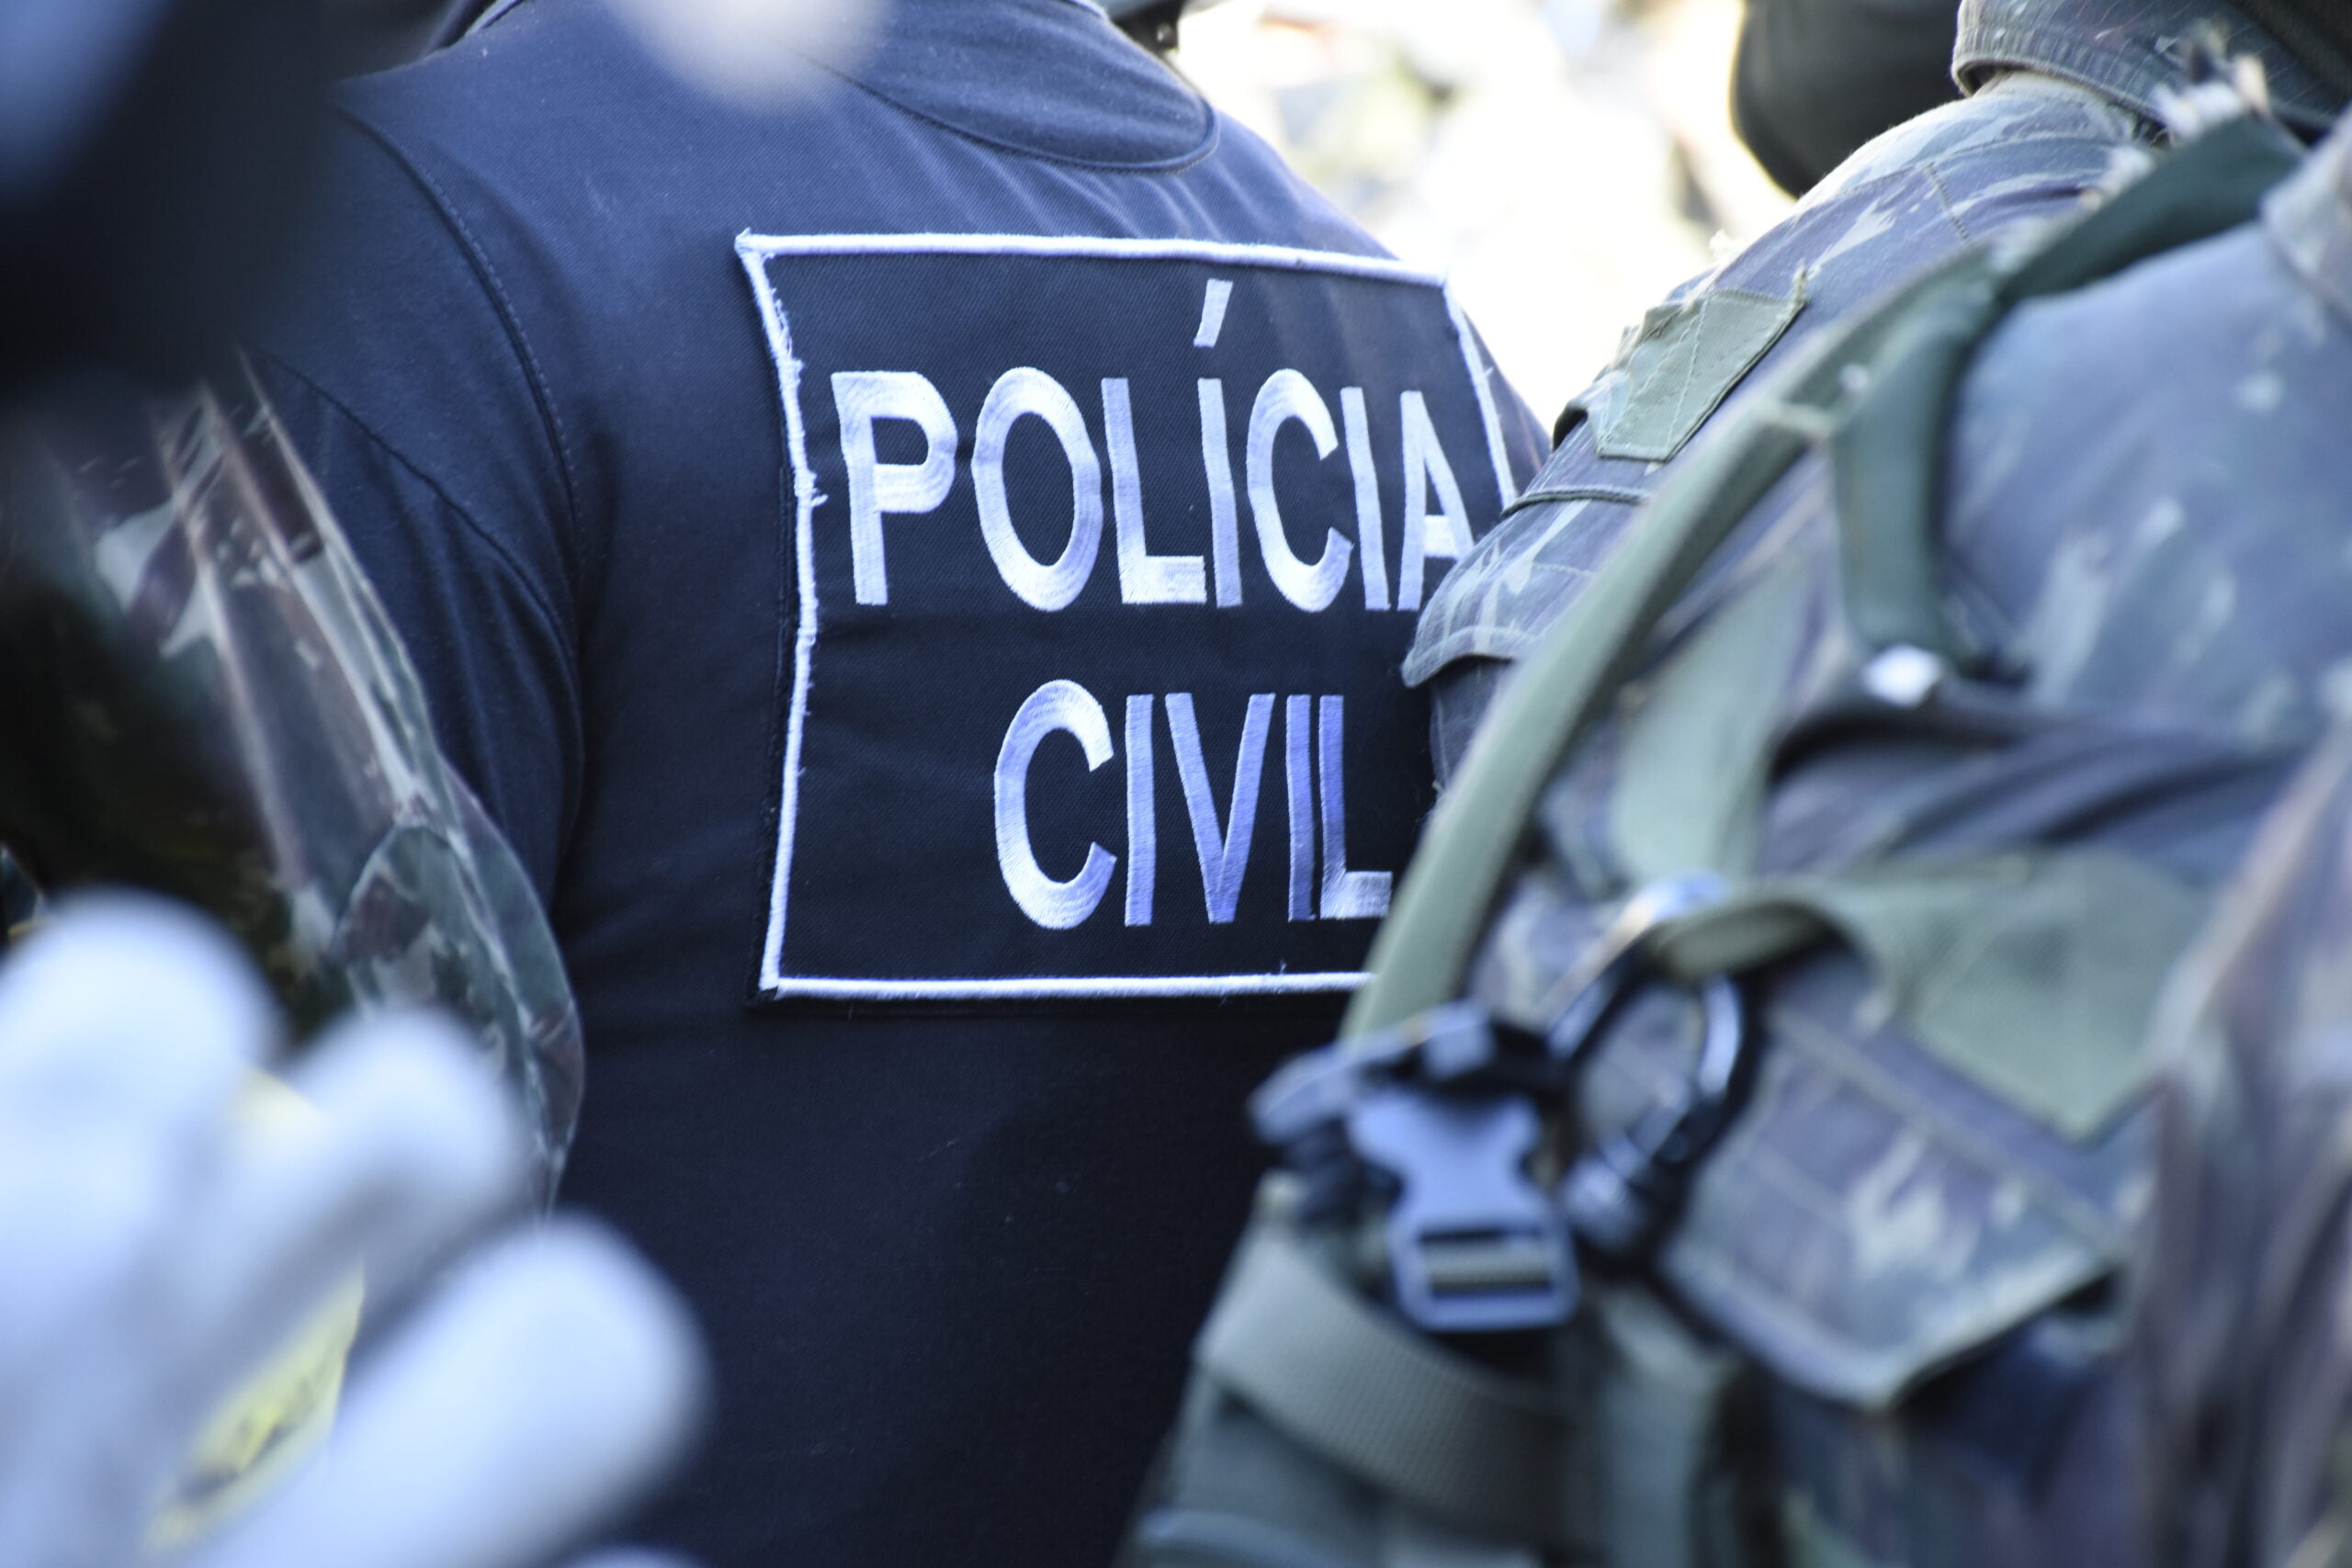 POLÍCIA Civil cumpre mandado de prisão preventiva pelo crime de tráfico de drogas no bairro Centro